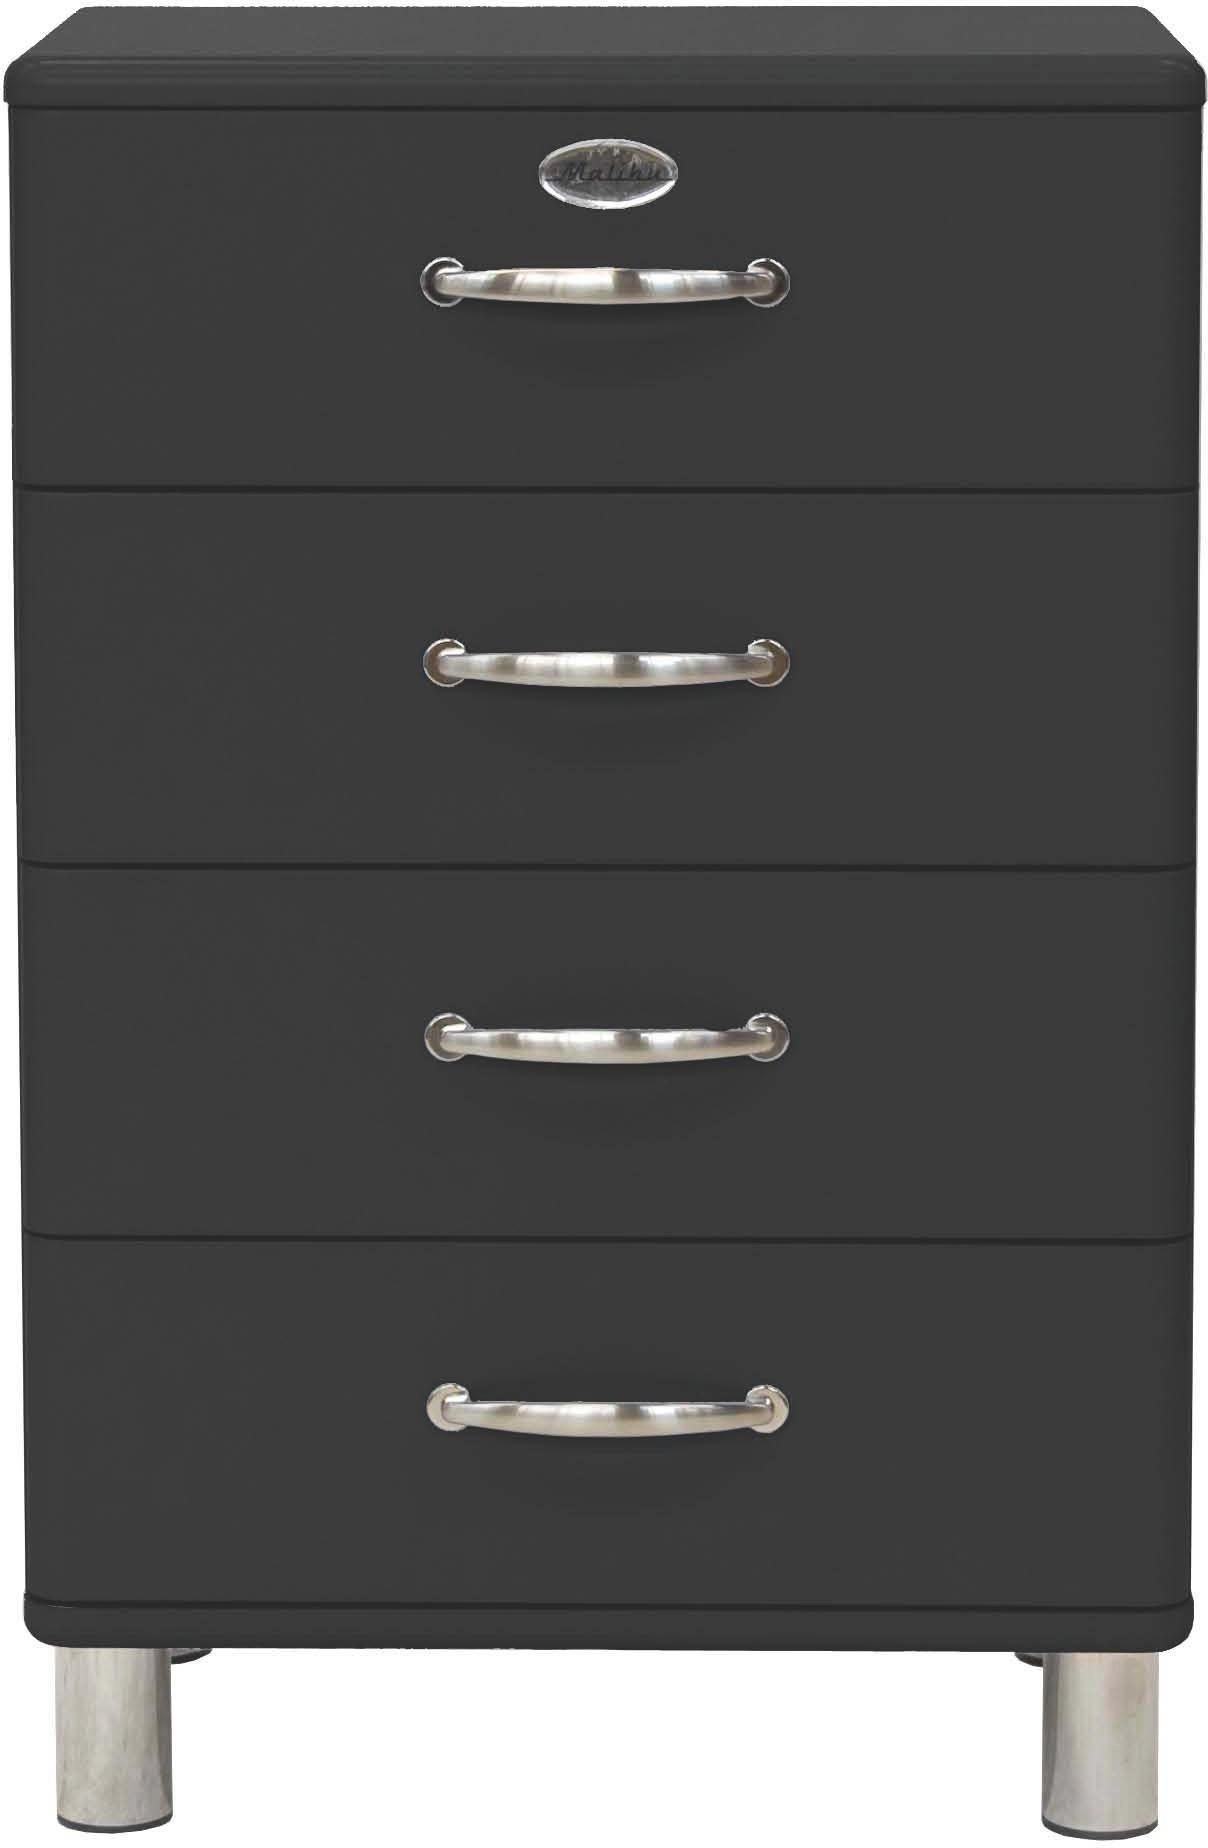 KOMMODE Schwarz - Schwarz/Nickelfarben, Design, Metall (60/92/41cm) - CARRYHOME